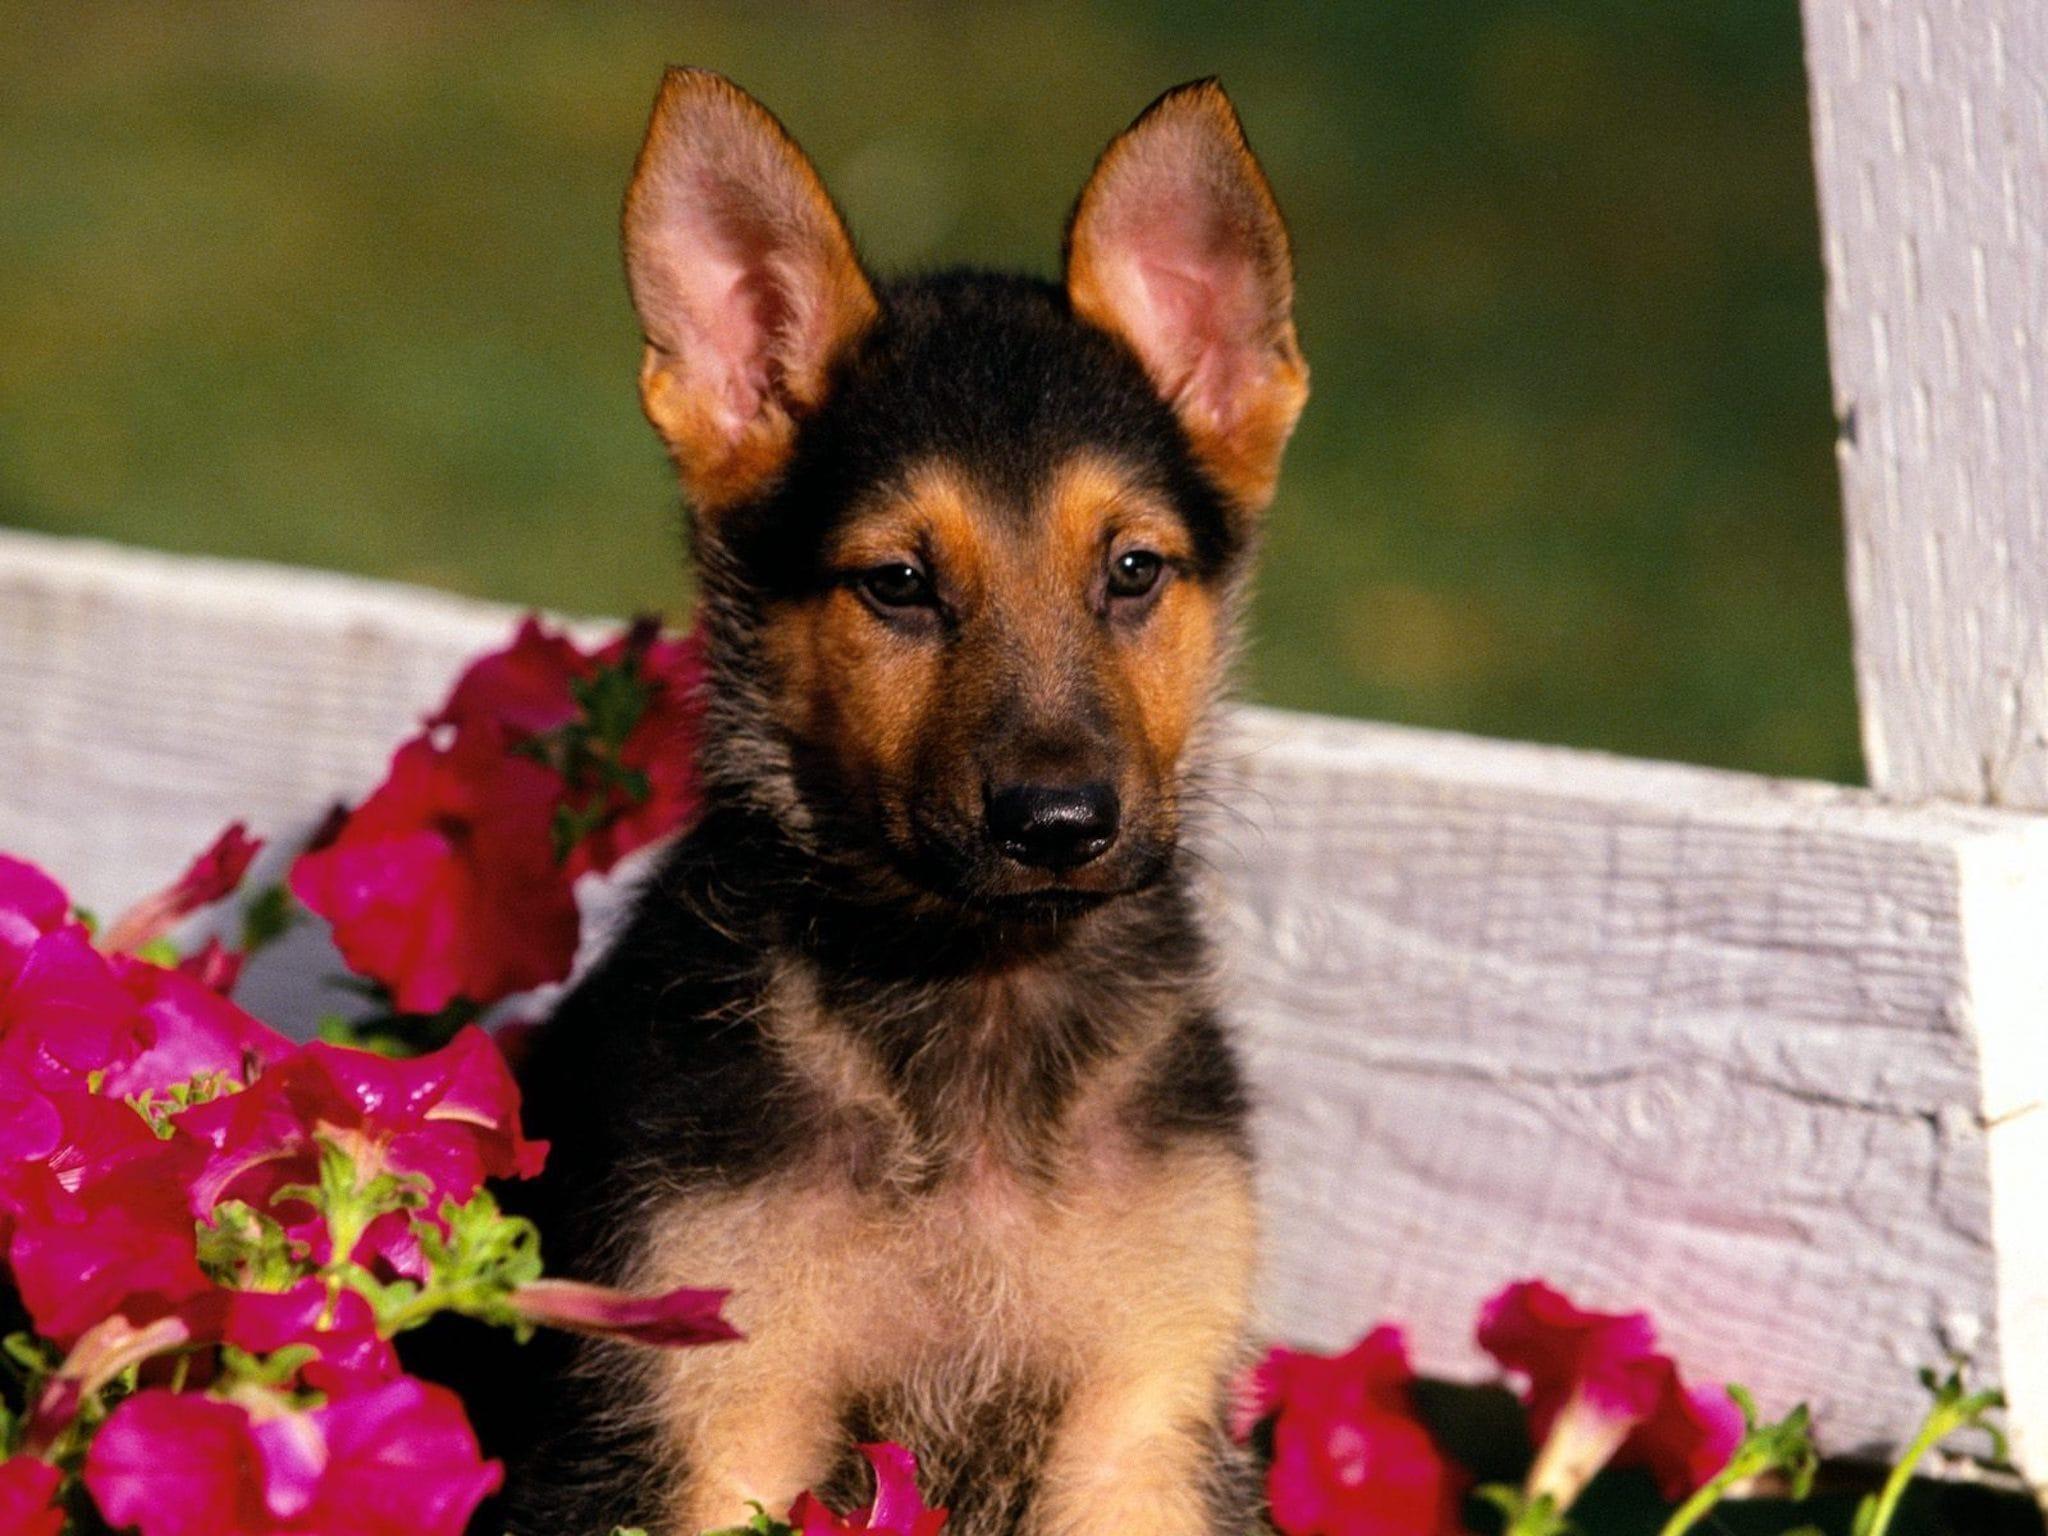 German Shepherd Puppy Wallpaper Free Hd Downloads